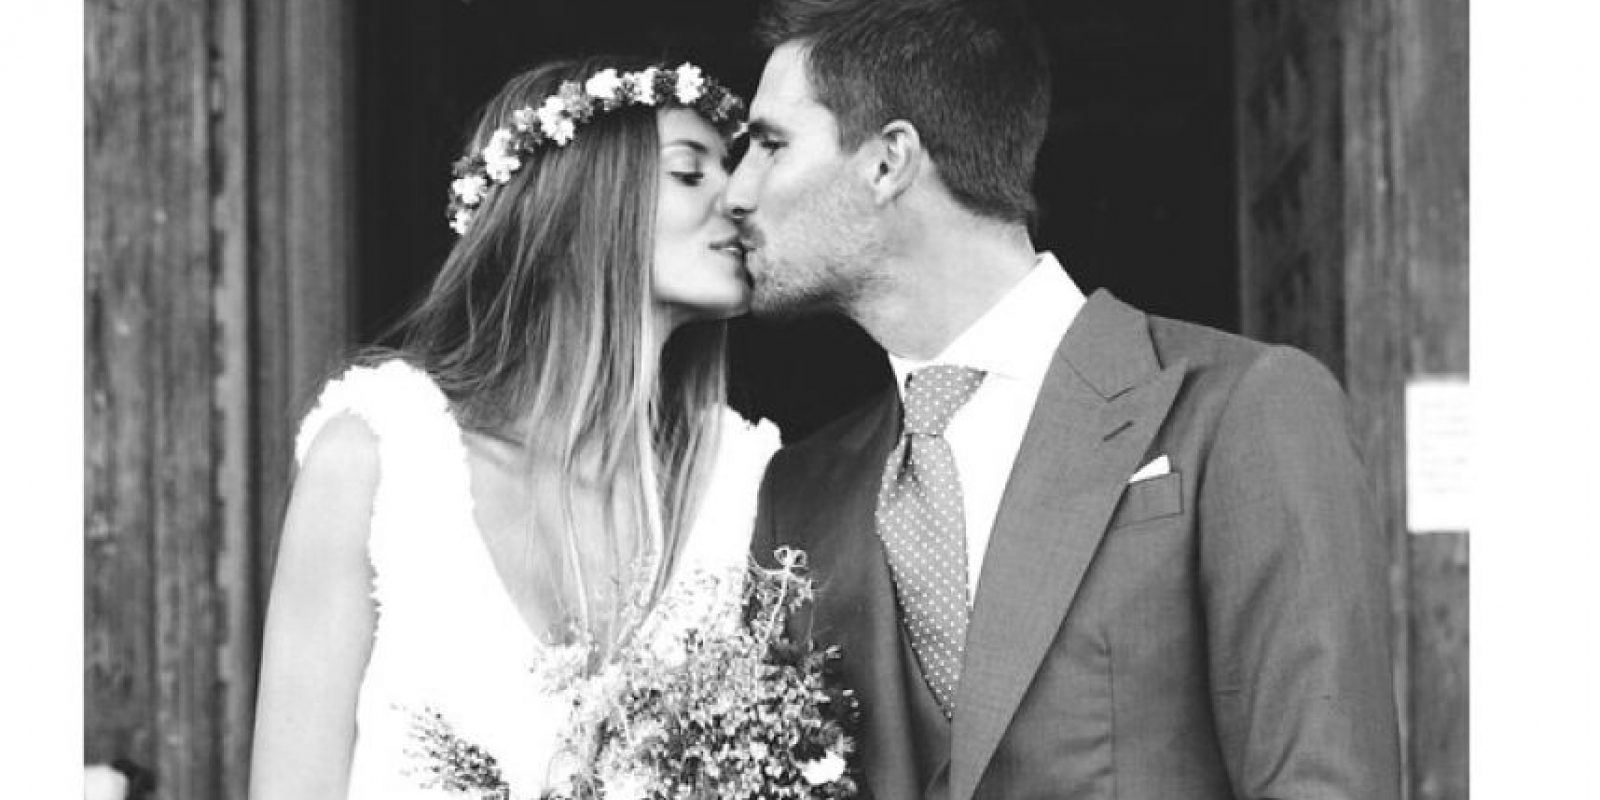 El delantero del Elche se casó con Natalia Coll, con quien tiene un hijo desde hace un año. Foto:Vía instagram.com/__natinat__